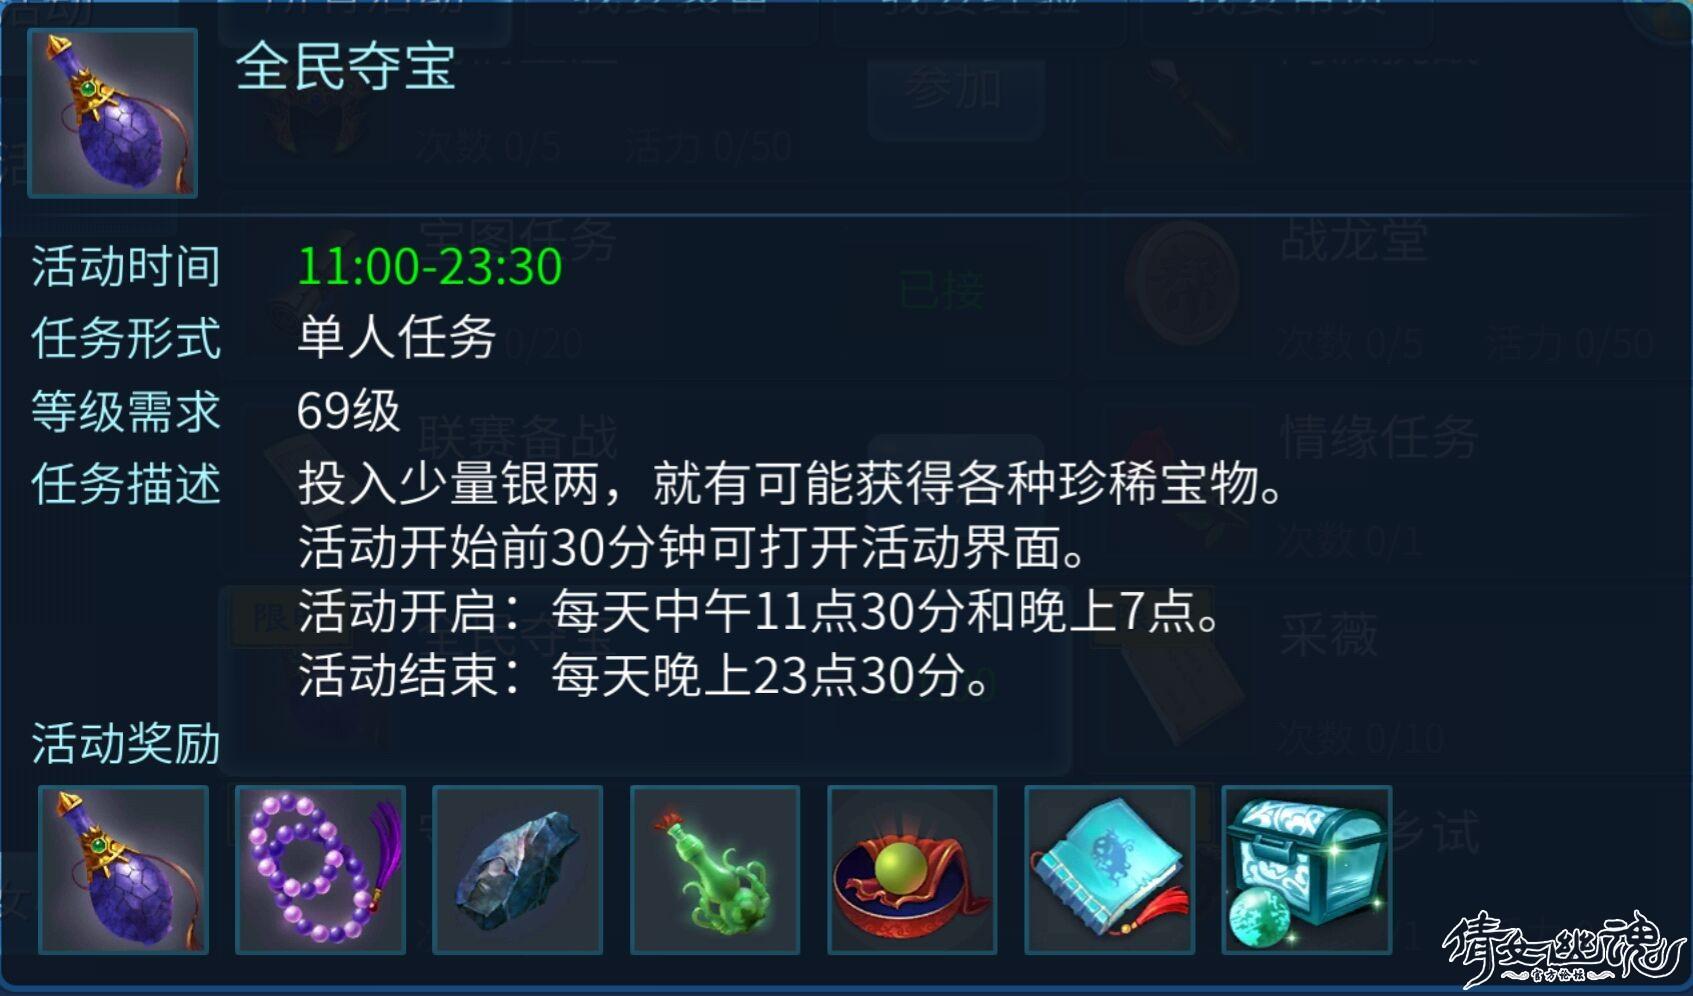 QQ图片20170801102956.jpg